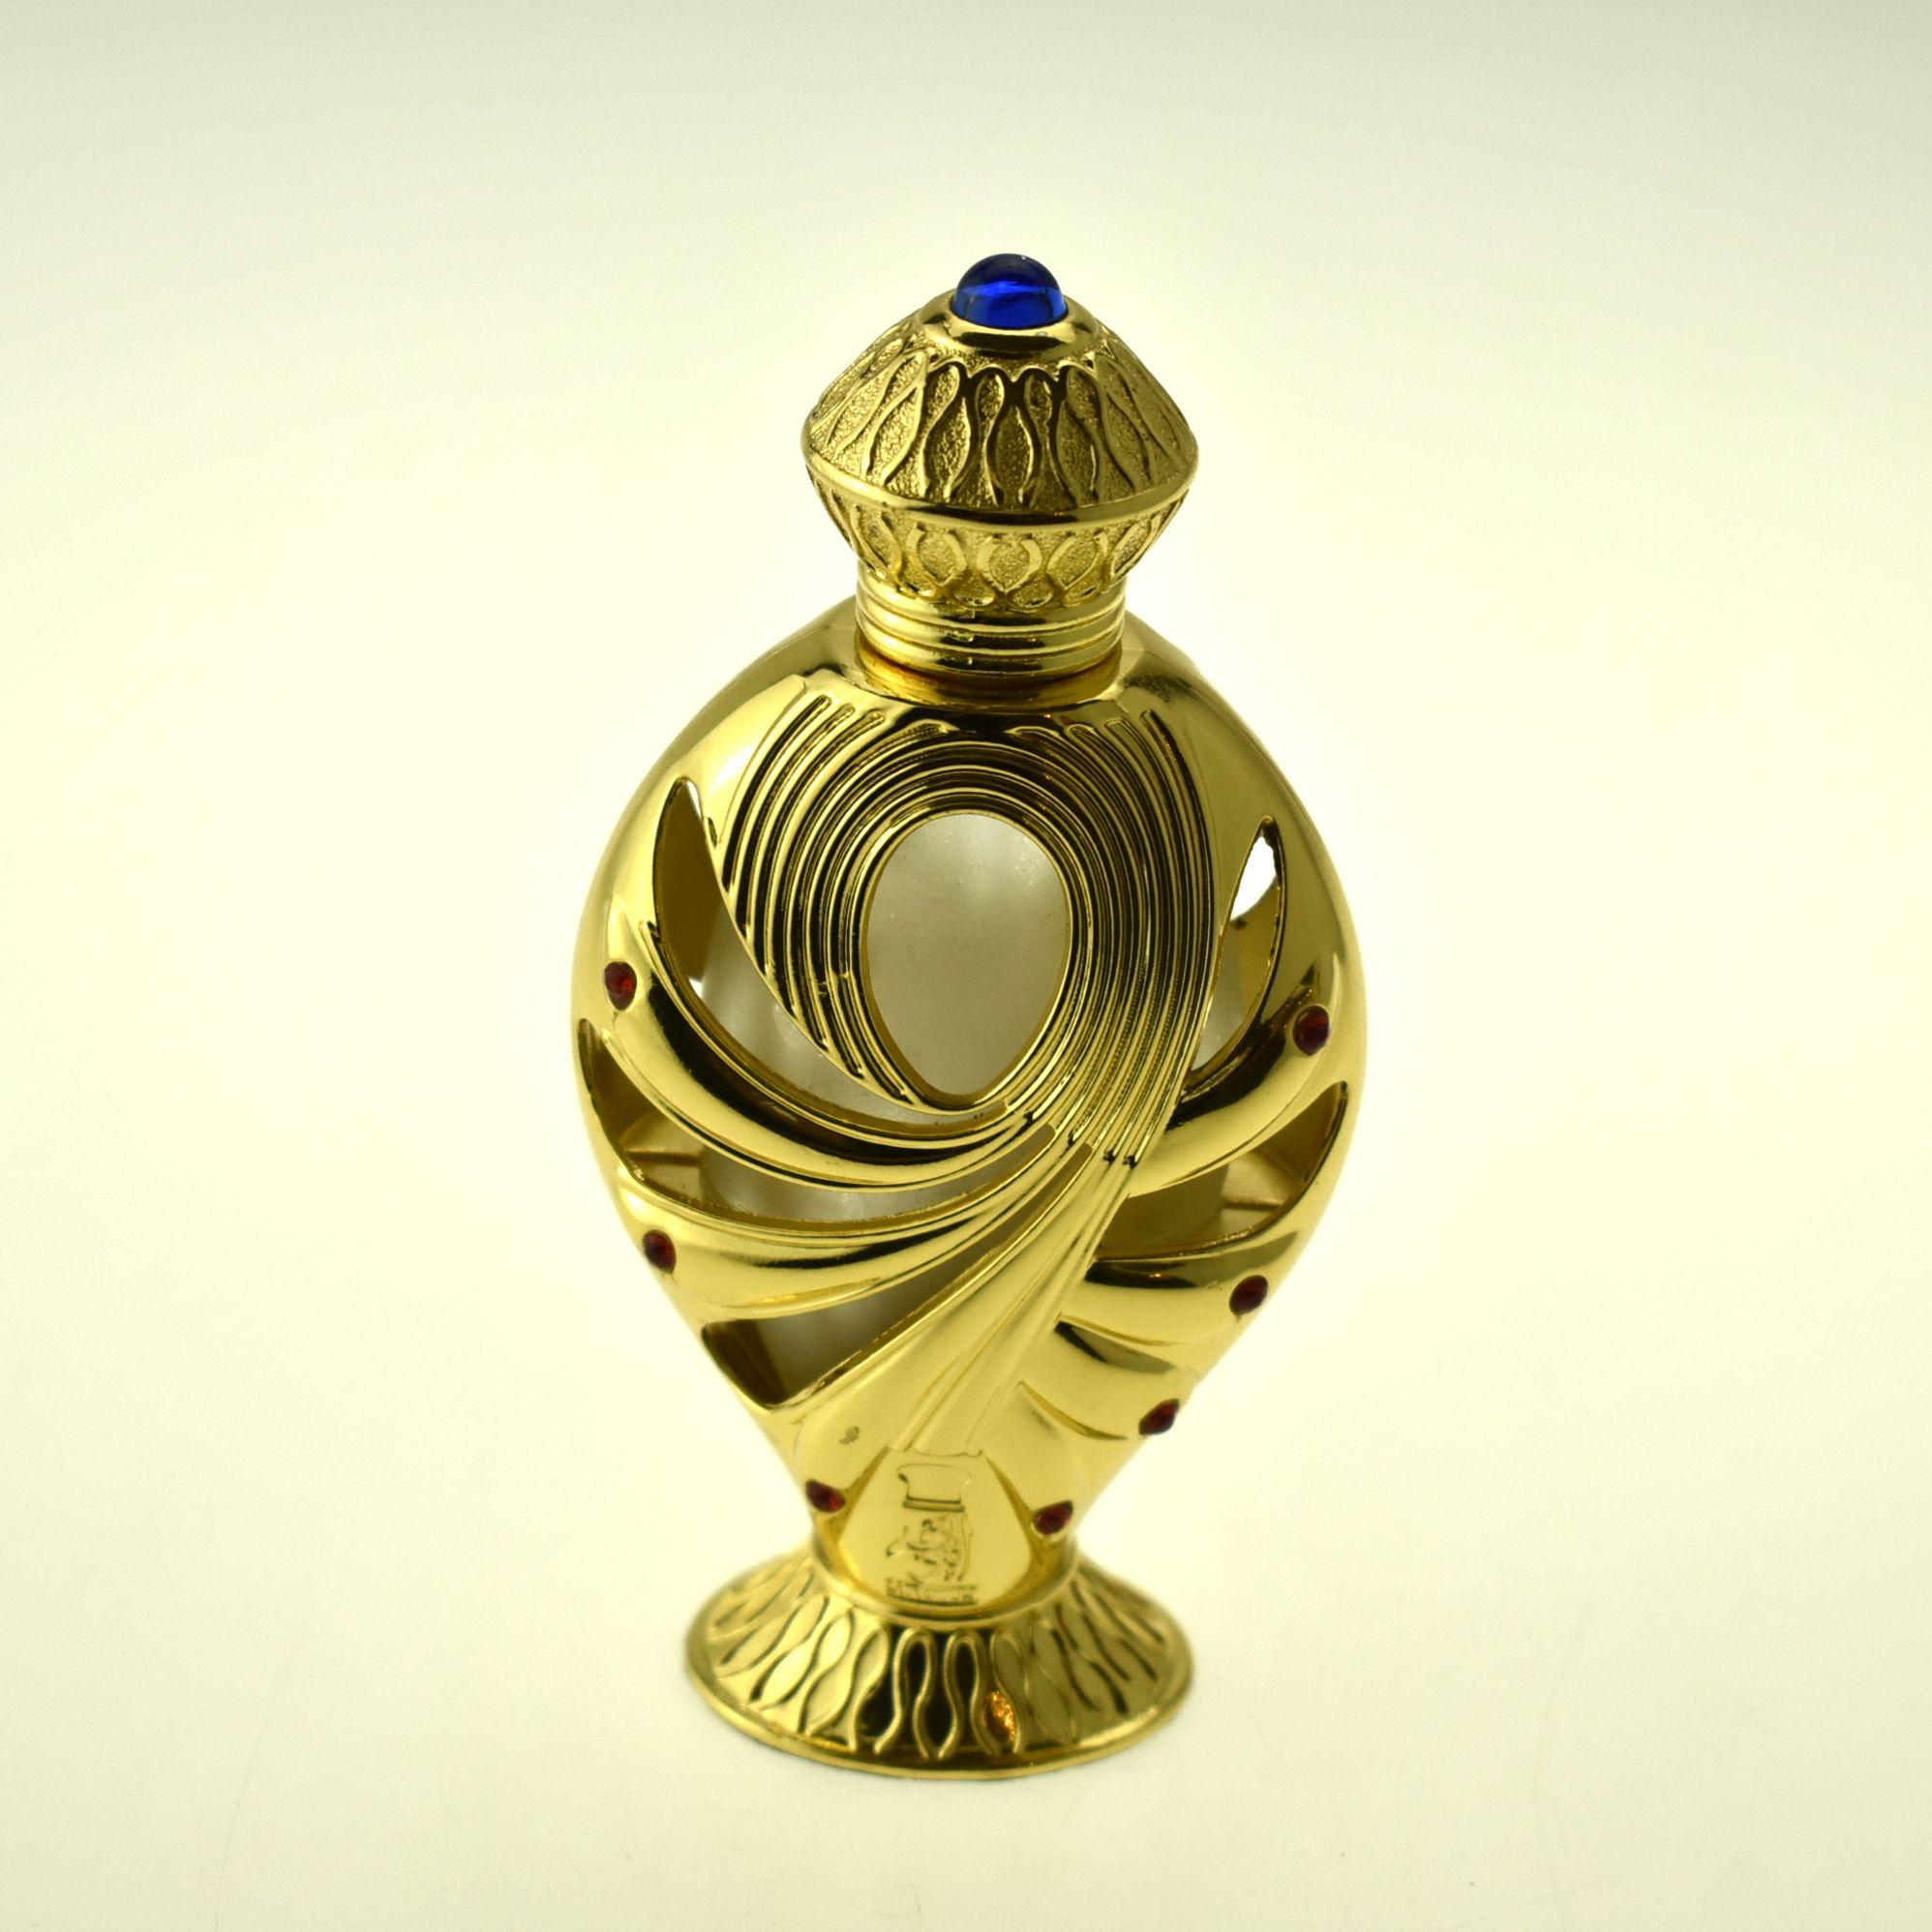 徐州新款阿拉伯风格金属精油玻璃瓶 江苏新款阿拉伯风格金属精油玻璃瓶